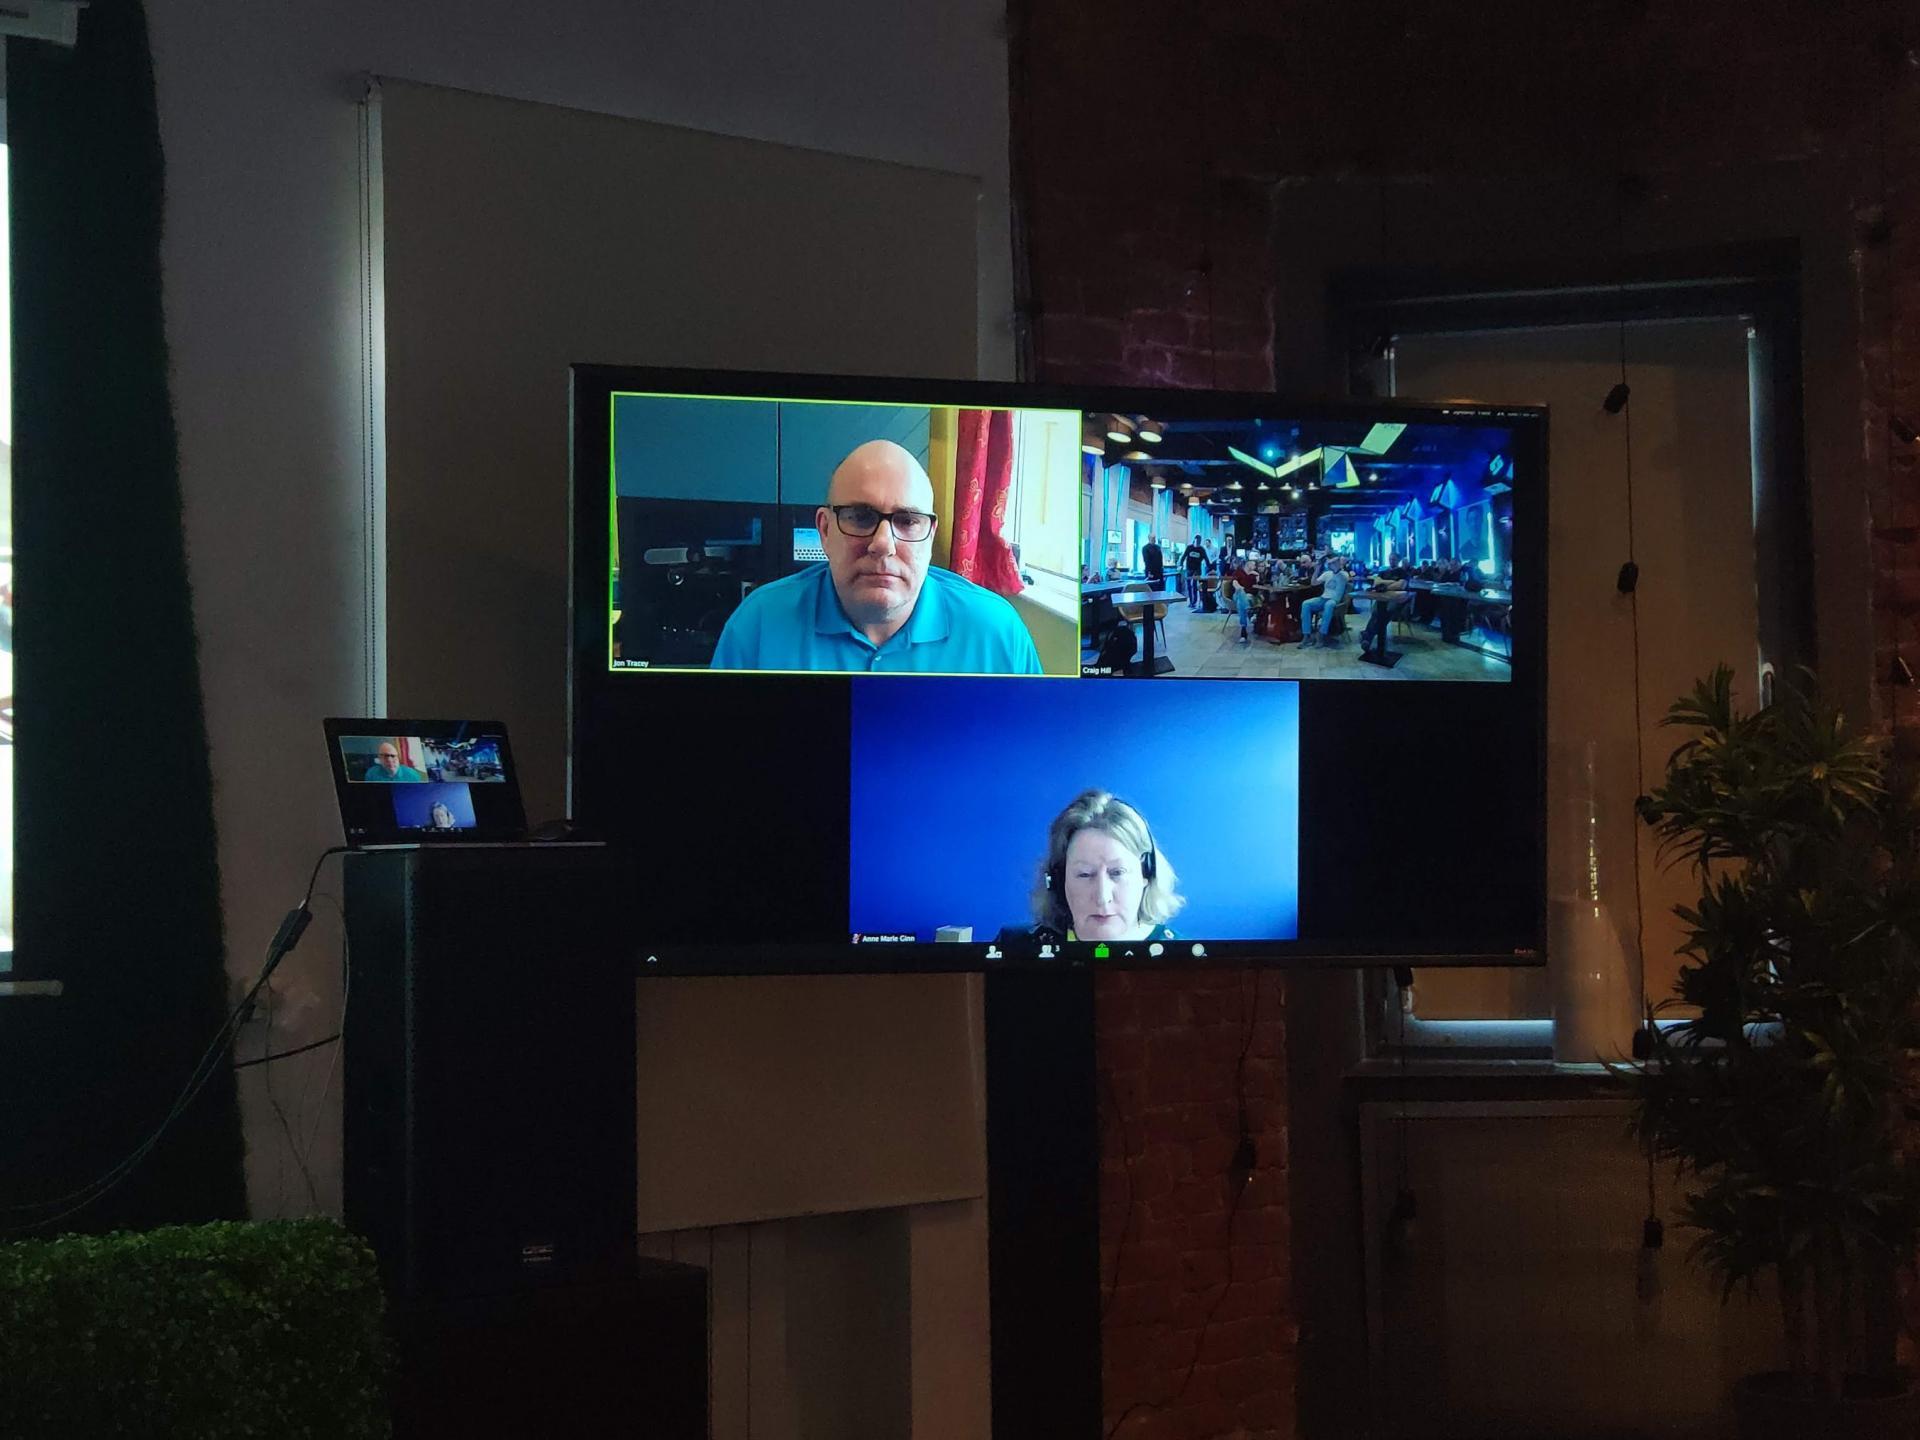 Logitech представила комплект Rally для обеспечения видеоконференций